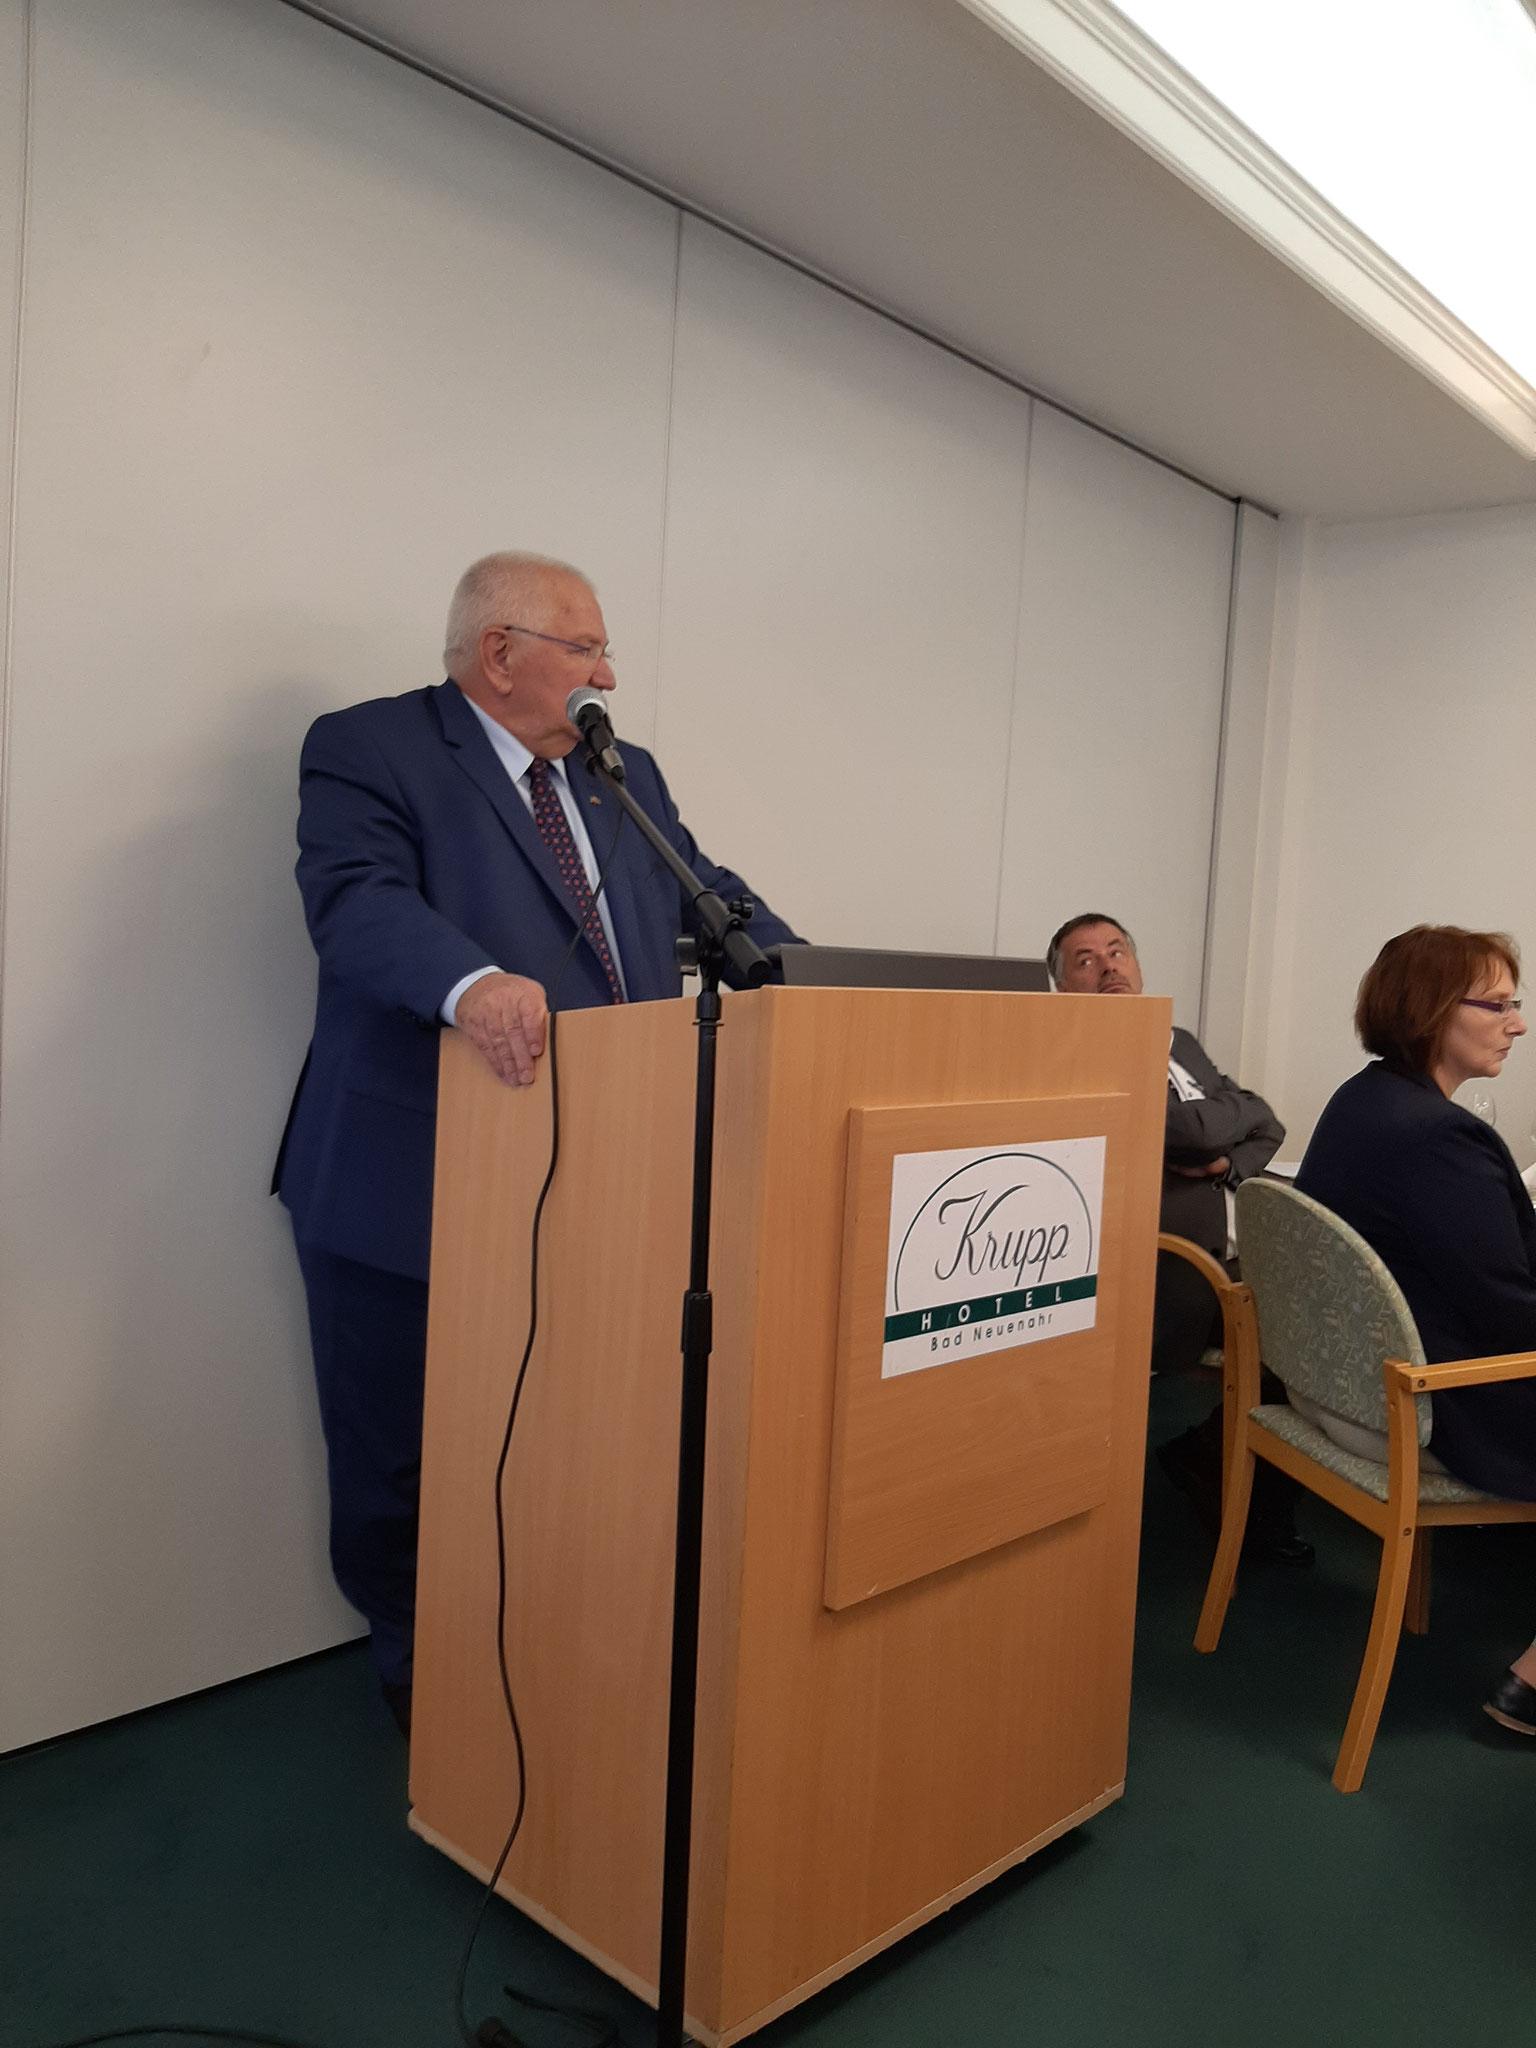 Grußwort von Peter Gilmer, Vorsitzender des Bundesverbandes Niere